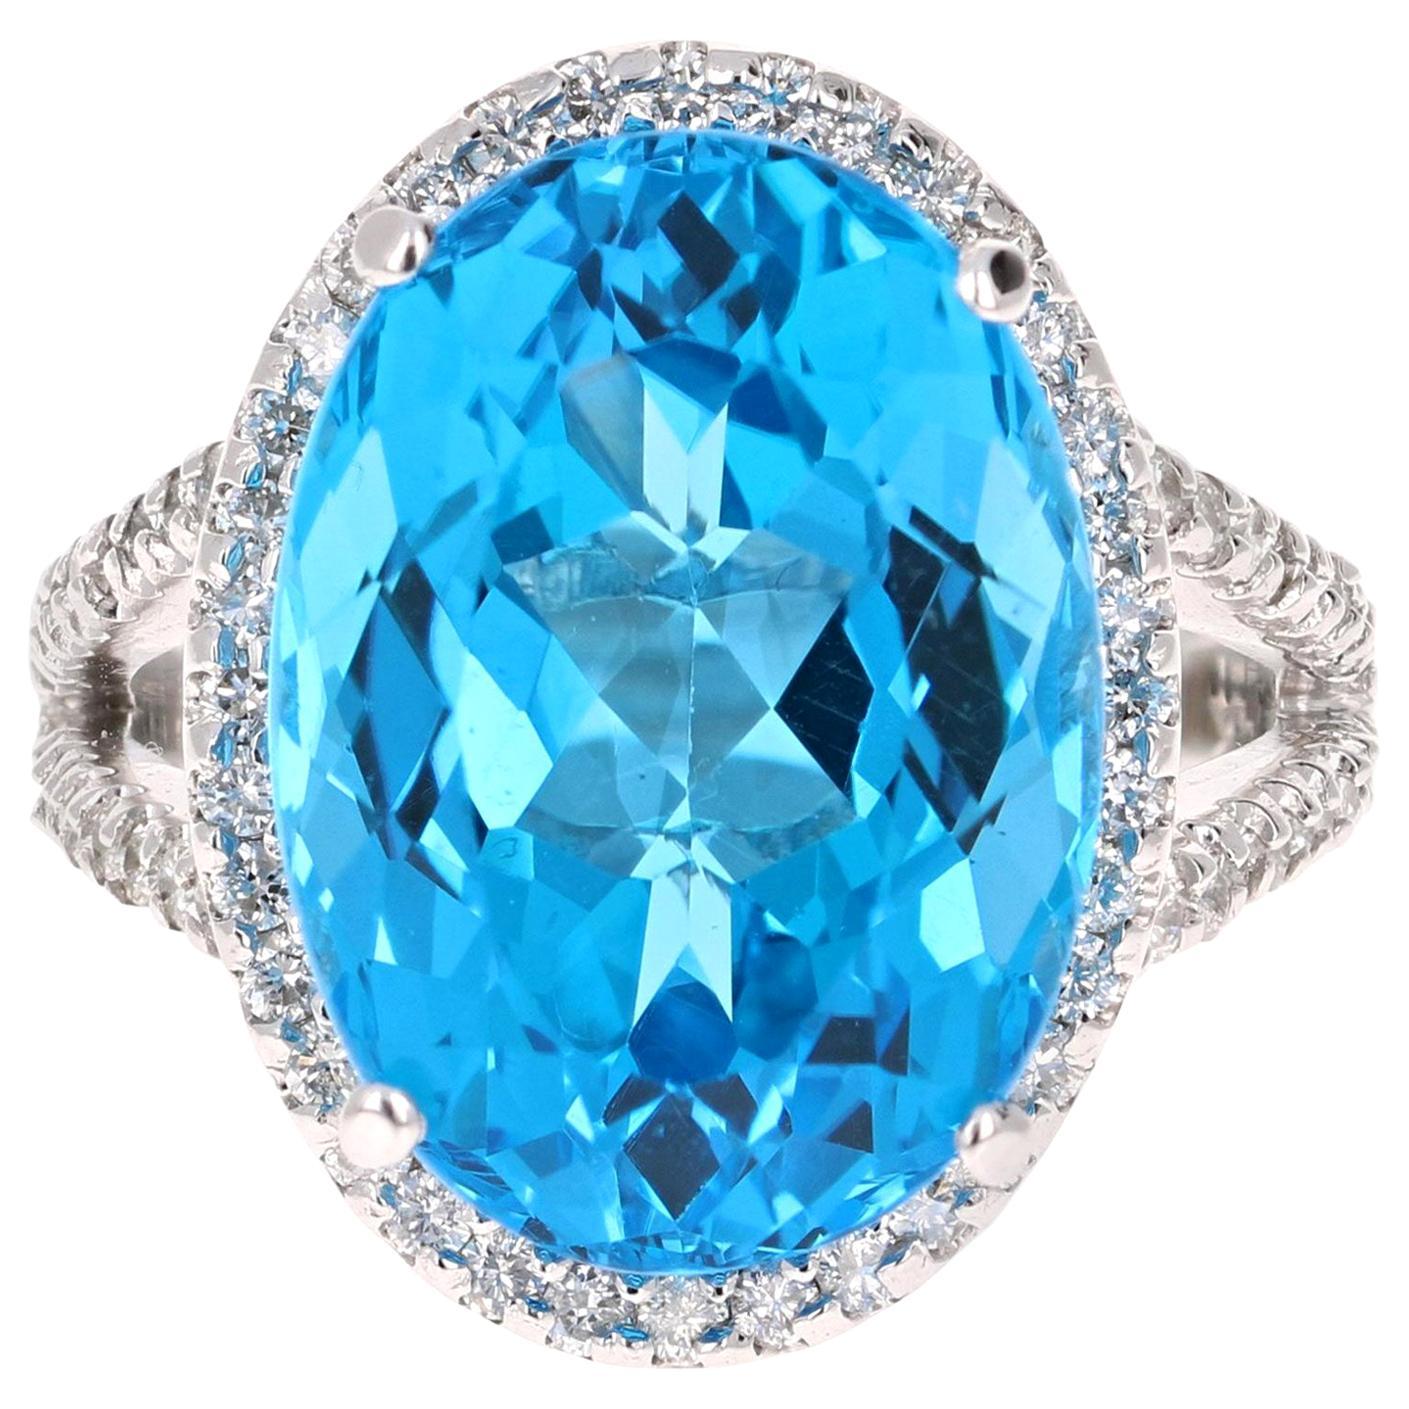 18.20 Carat Blue Topaz Diamond 14 Karat White Gold Cocktail Ring